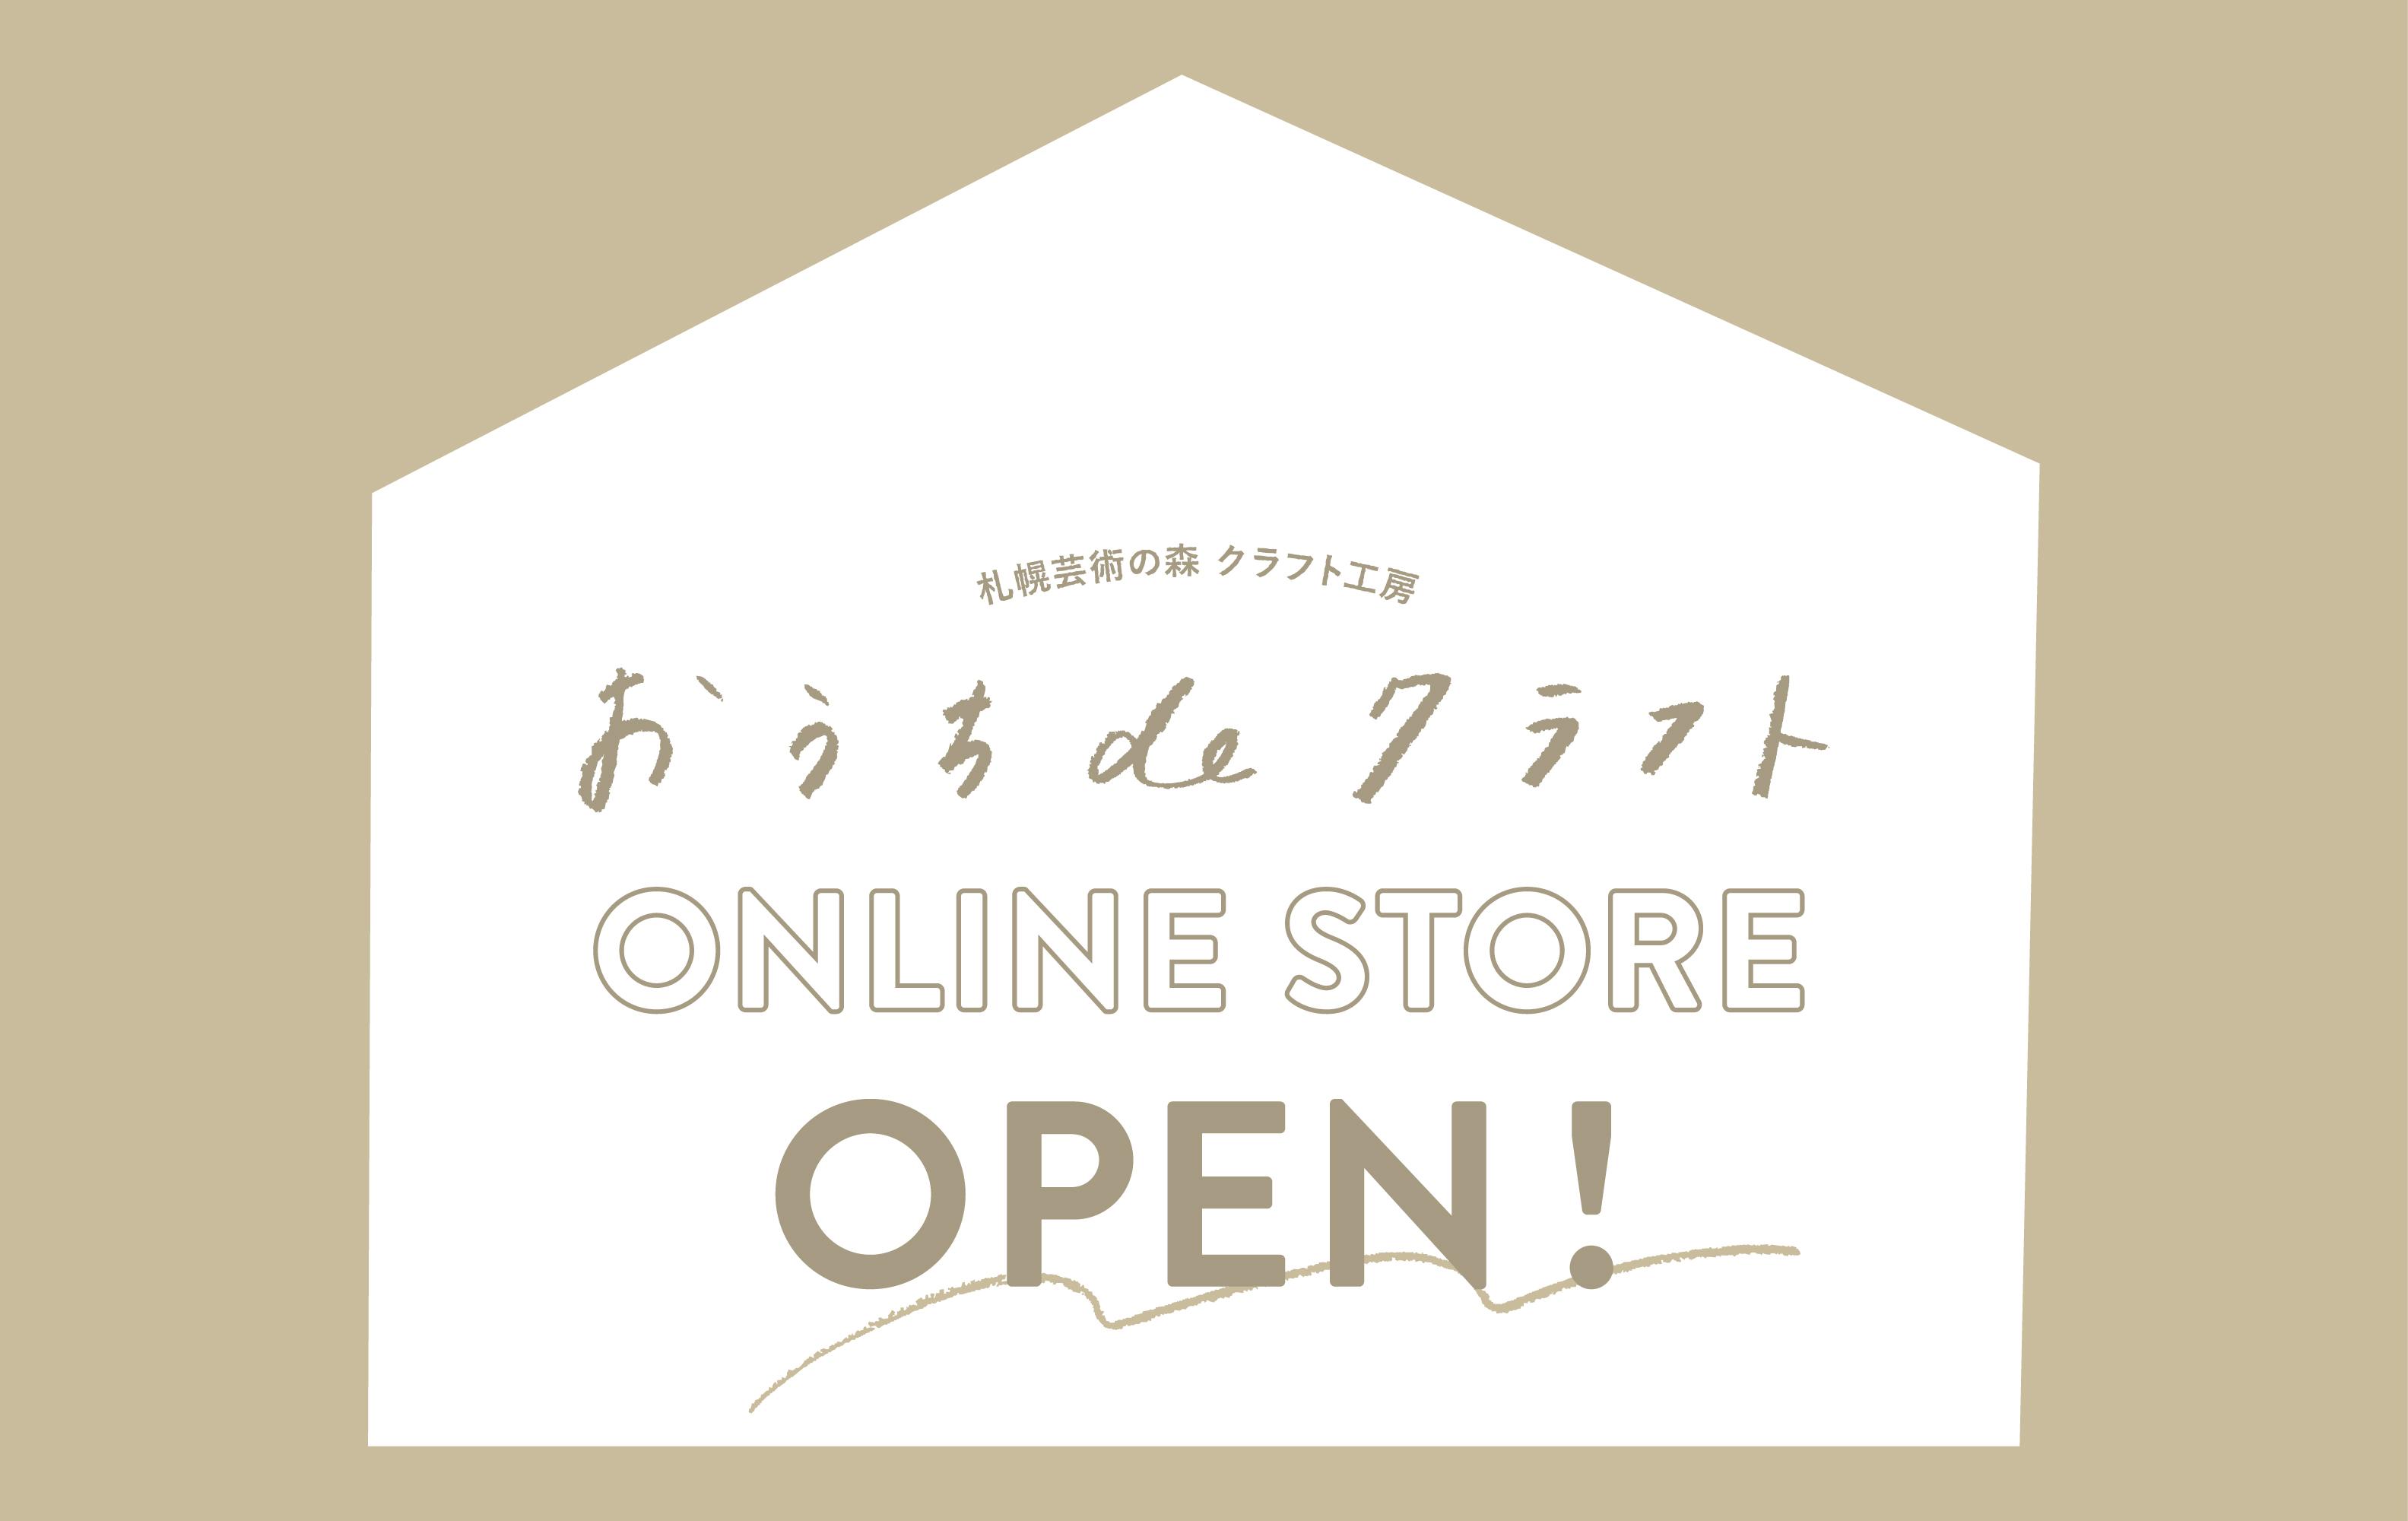 \12.18(金) 札幌芸術の森クラフト工房オンラインストアがオープン/